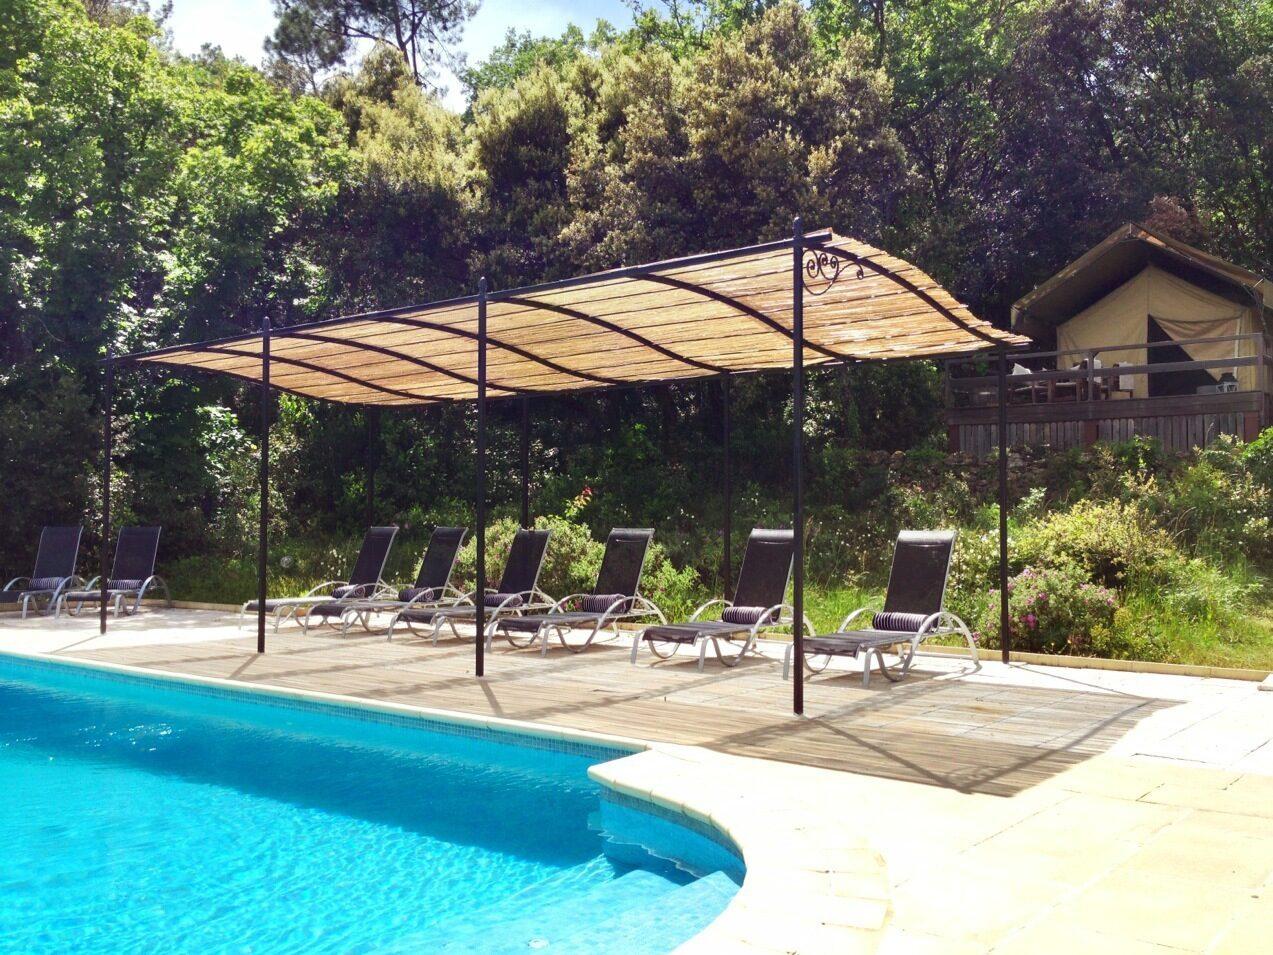 Zwembad van Le Paradis, kleinschalige glamping in Zuid Frankrijk